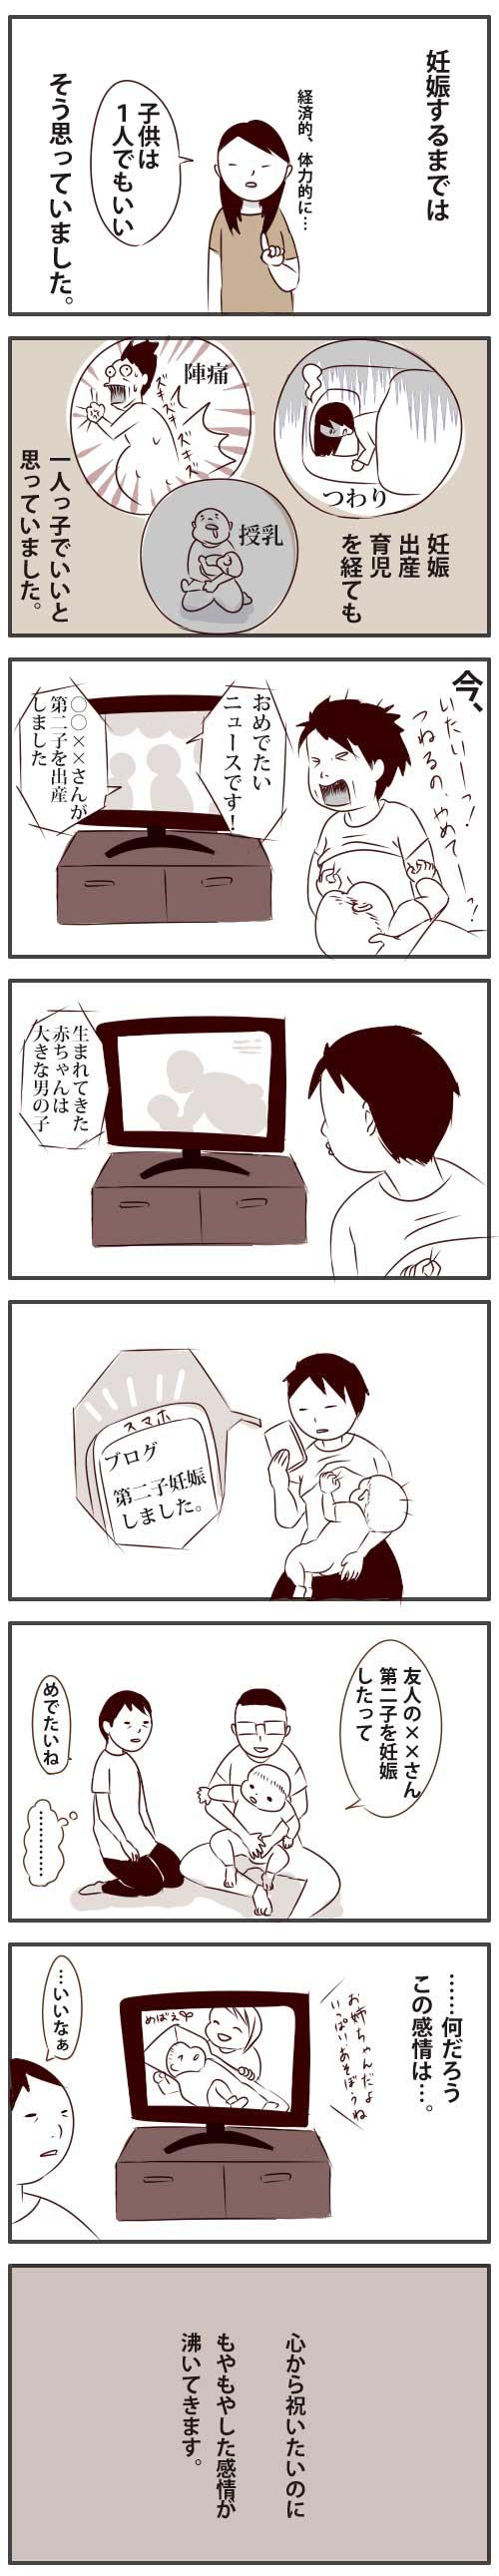 人の妊娠1